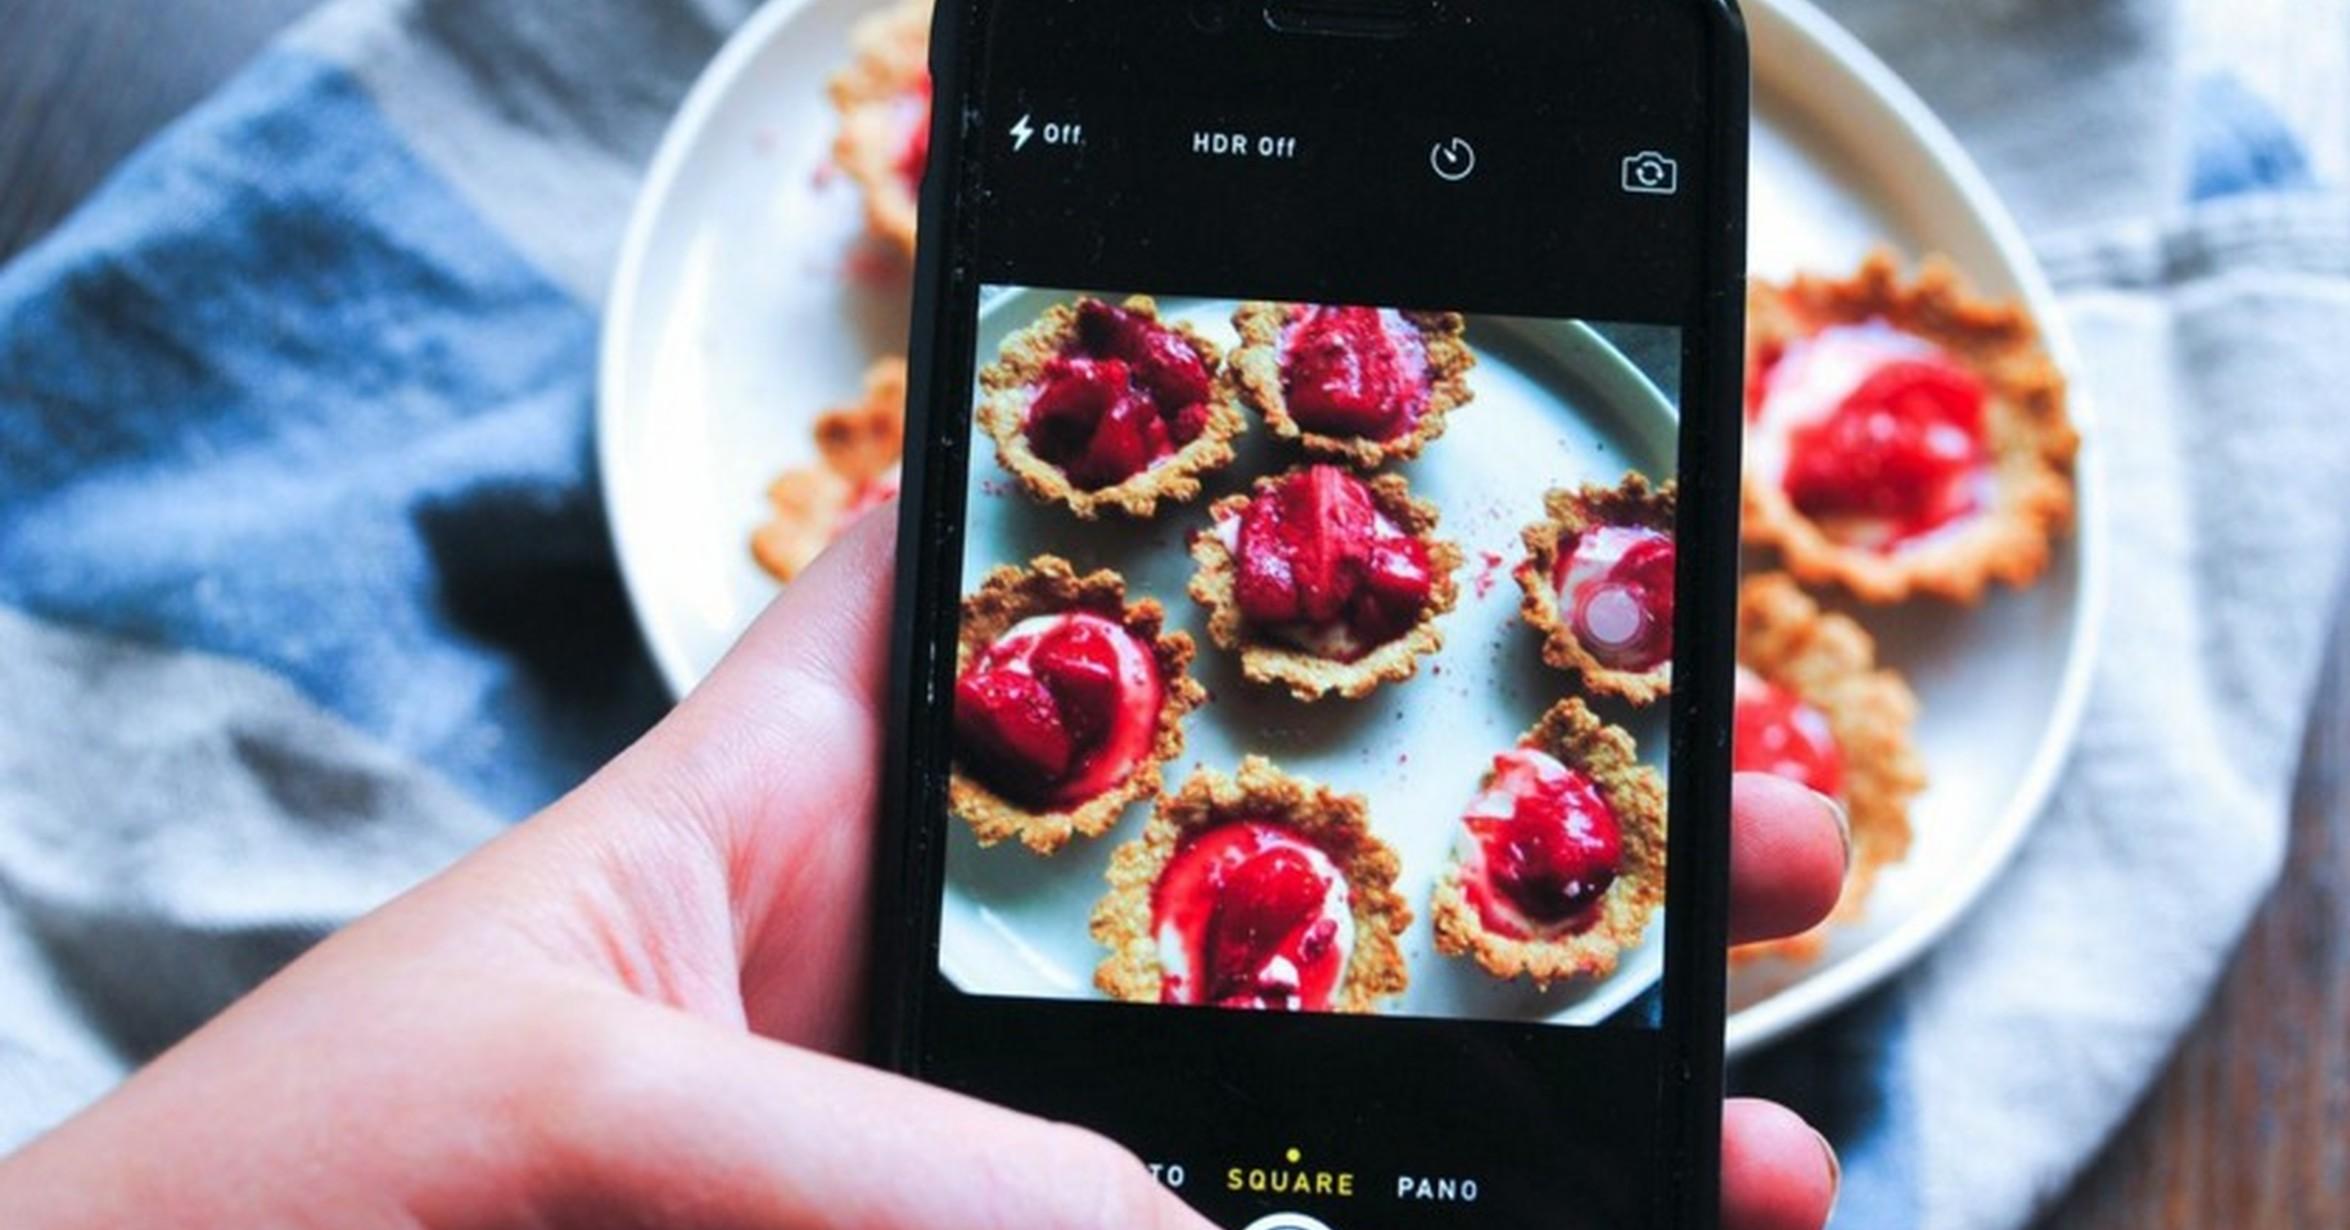 Colgar fotos de tu comida en las redes sociales hace que - Redes para colgar altavoces ...